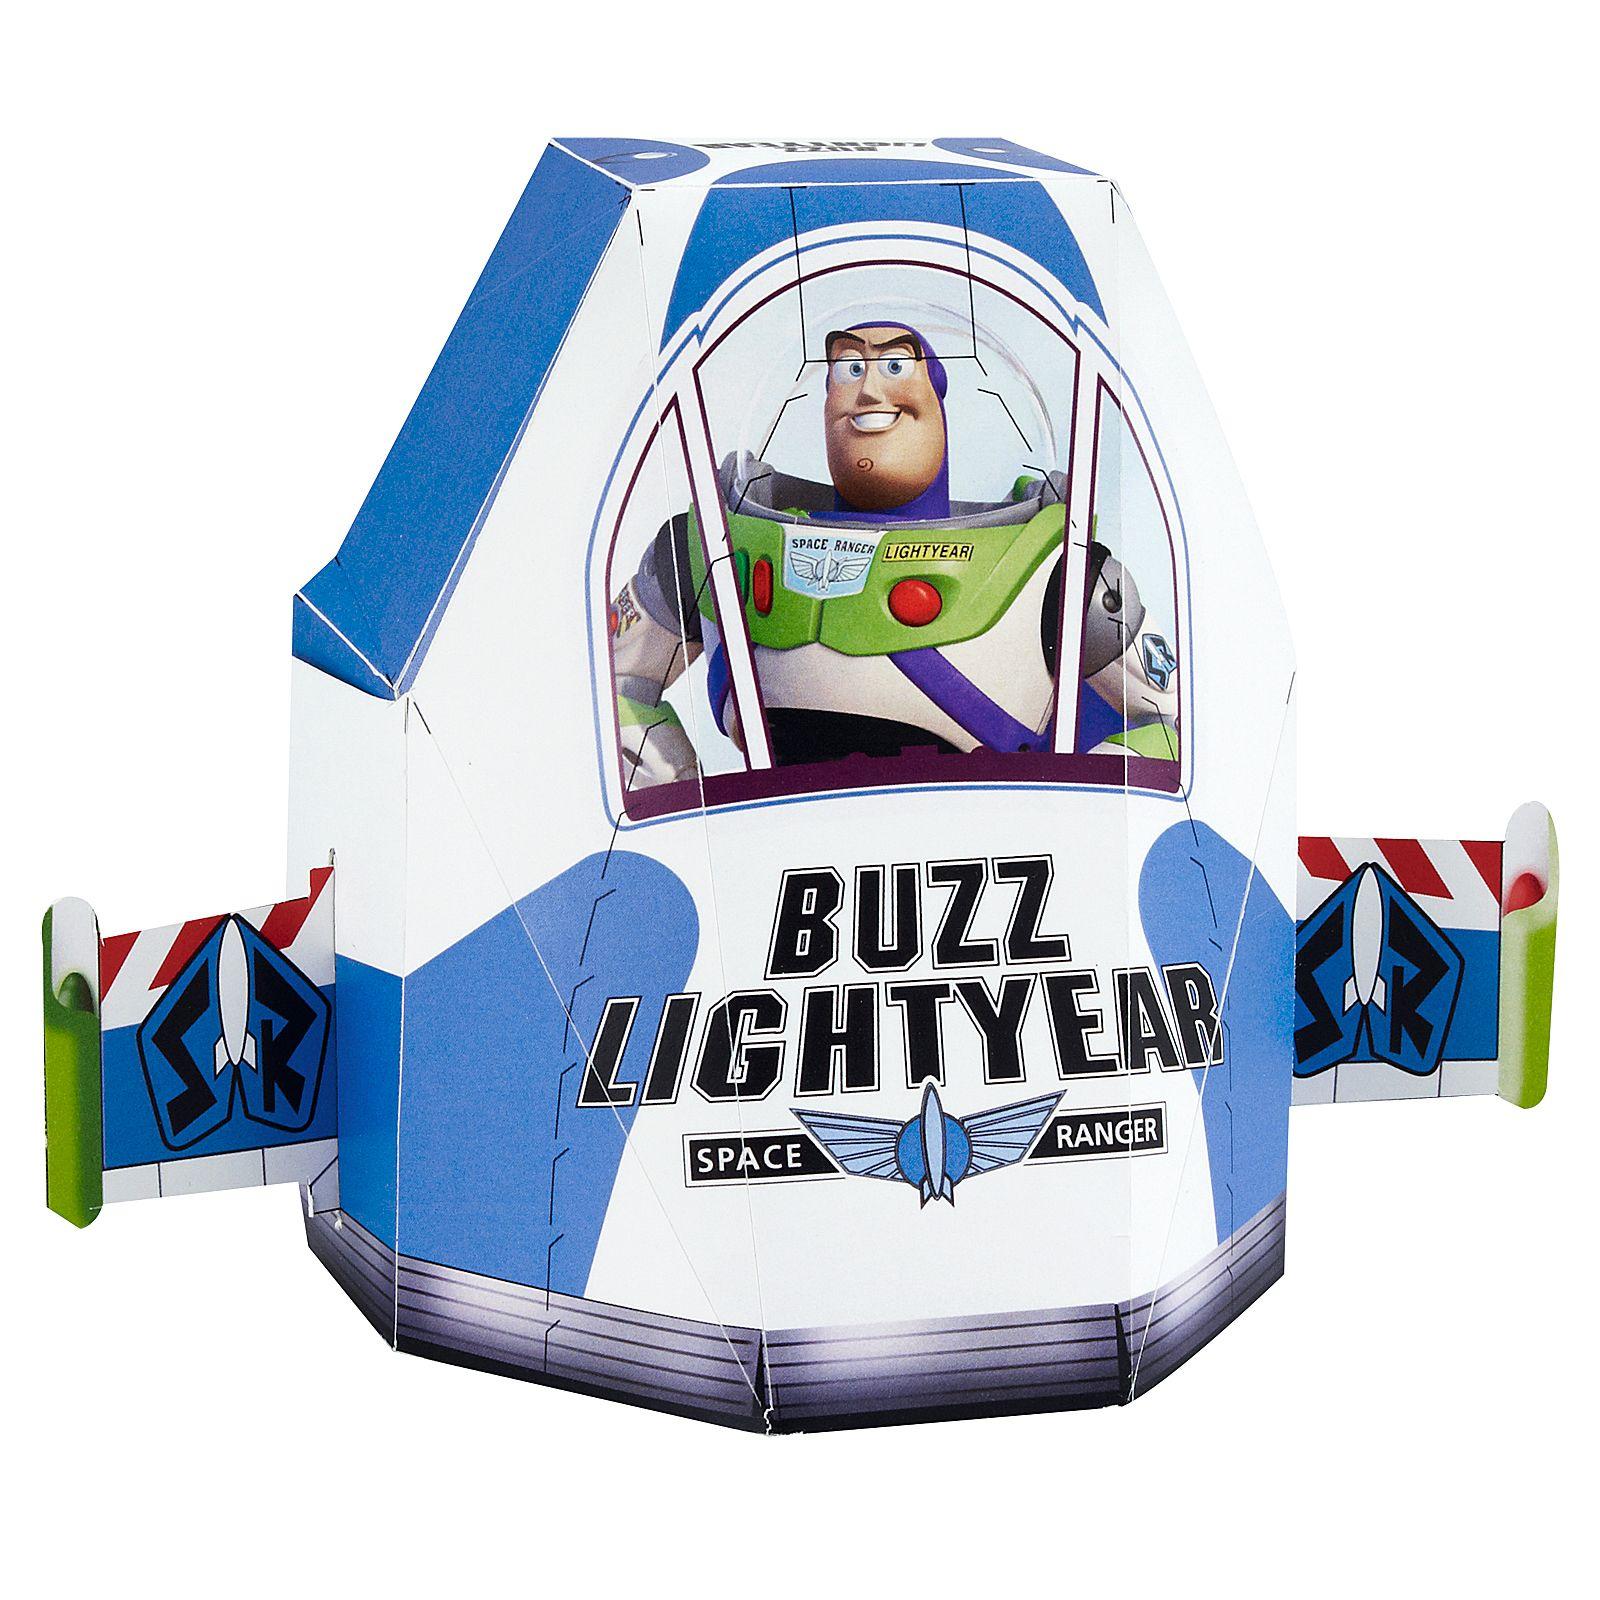 Buzz Lightyear Spaceship